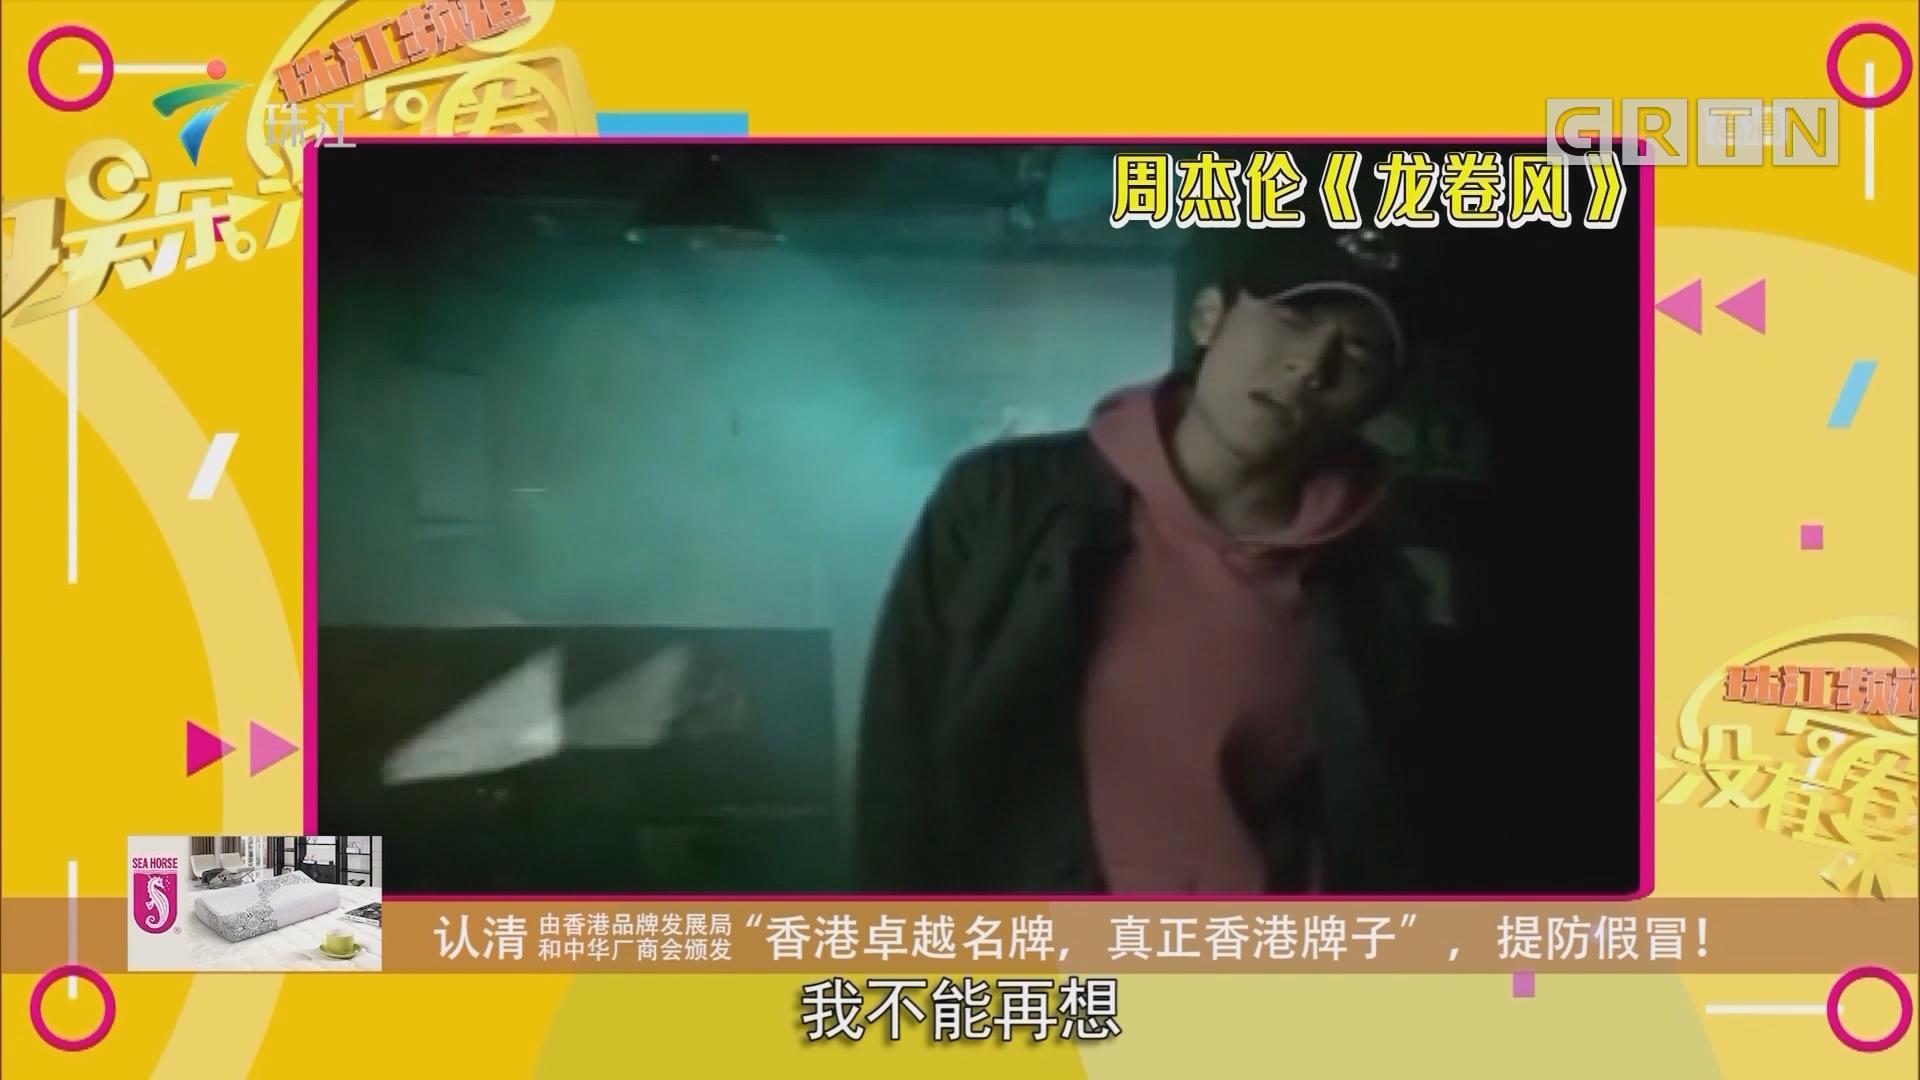 周杰伦蔡徐坤终极Battle:作品与流量谁赢了?